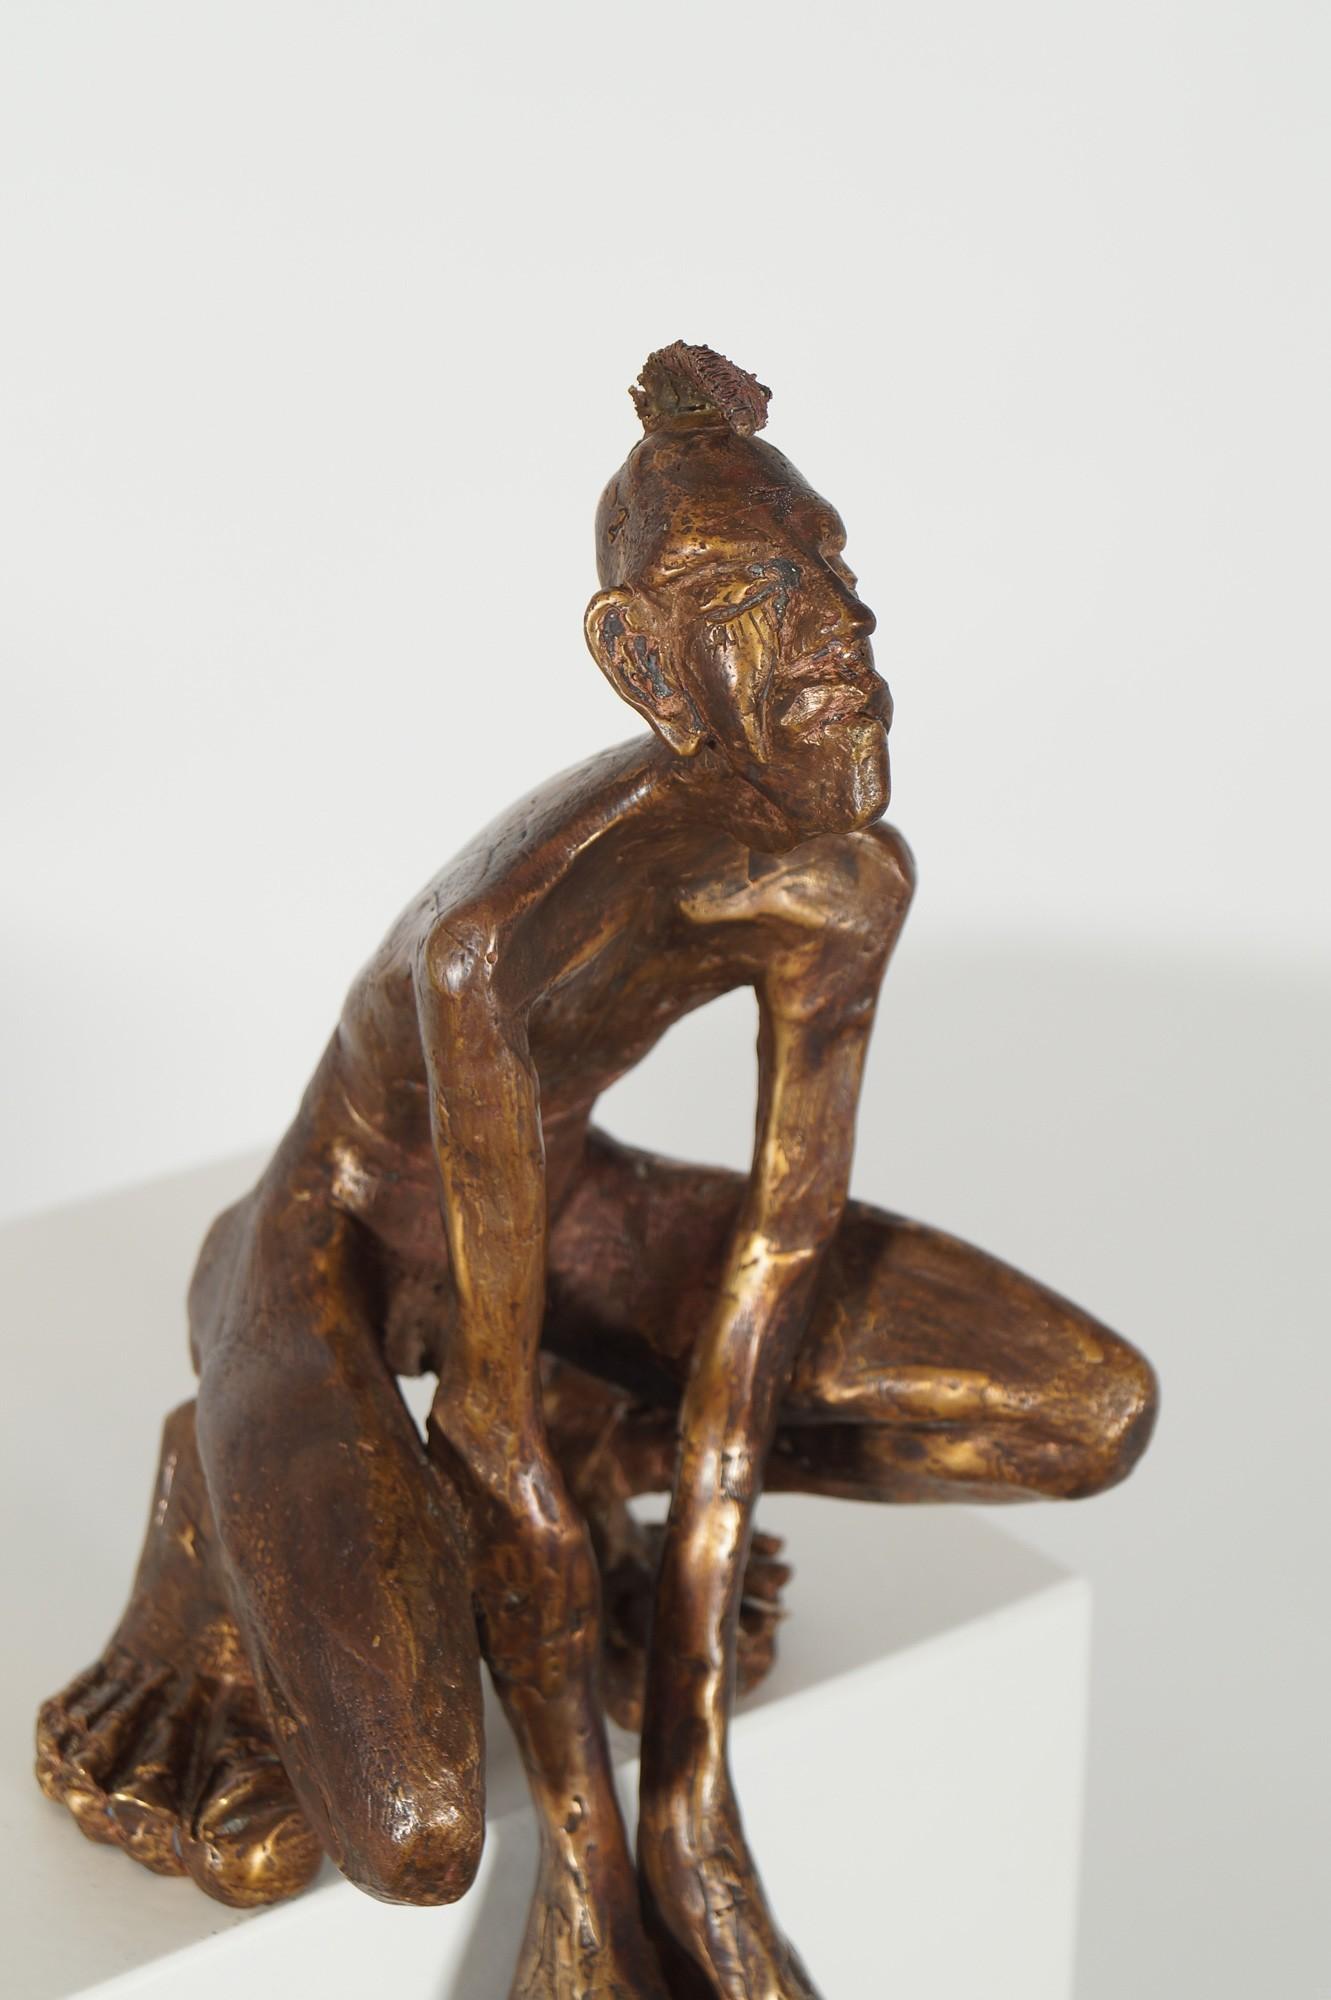 Der Kantenhocker - Detail von rechts, Bronze Plastik, Skulptur von Tim David Trillsam, Edition